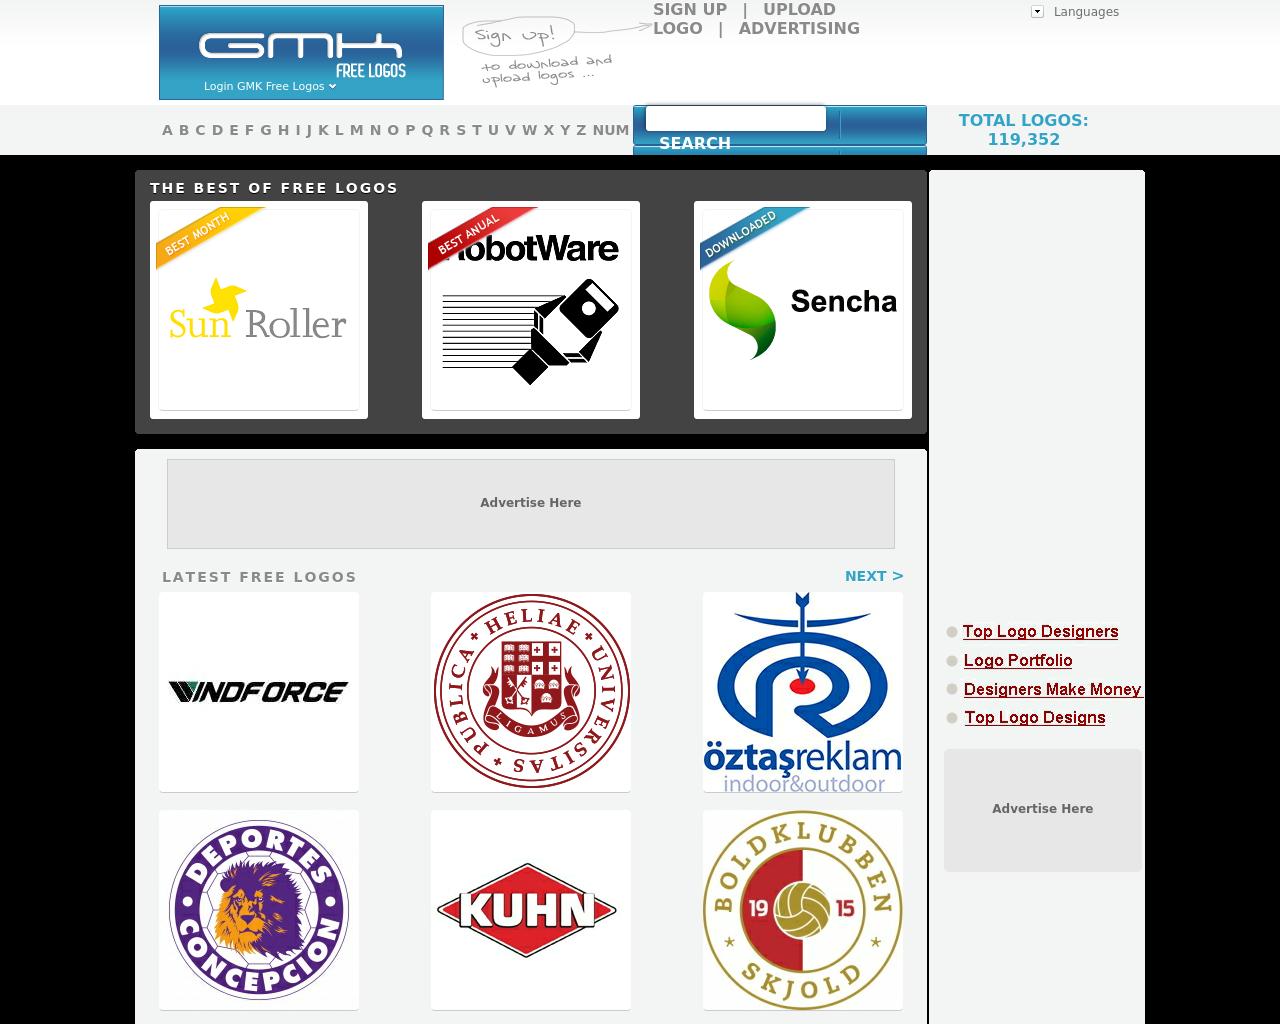 Gmk-Free-Logos-Advertising-Reviews-Pricing